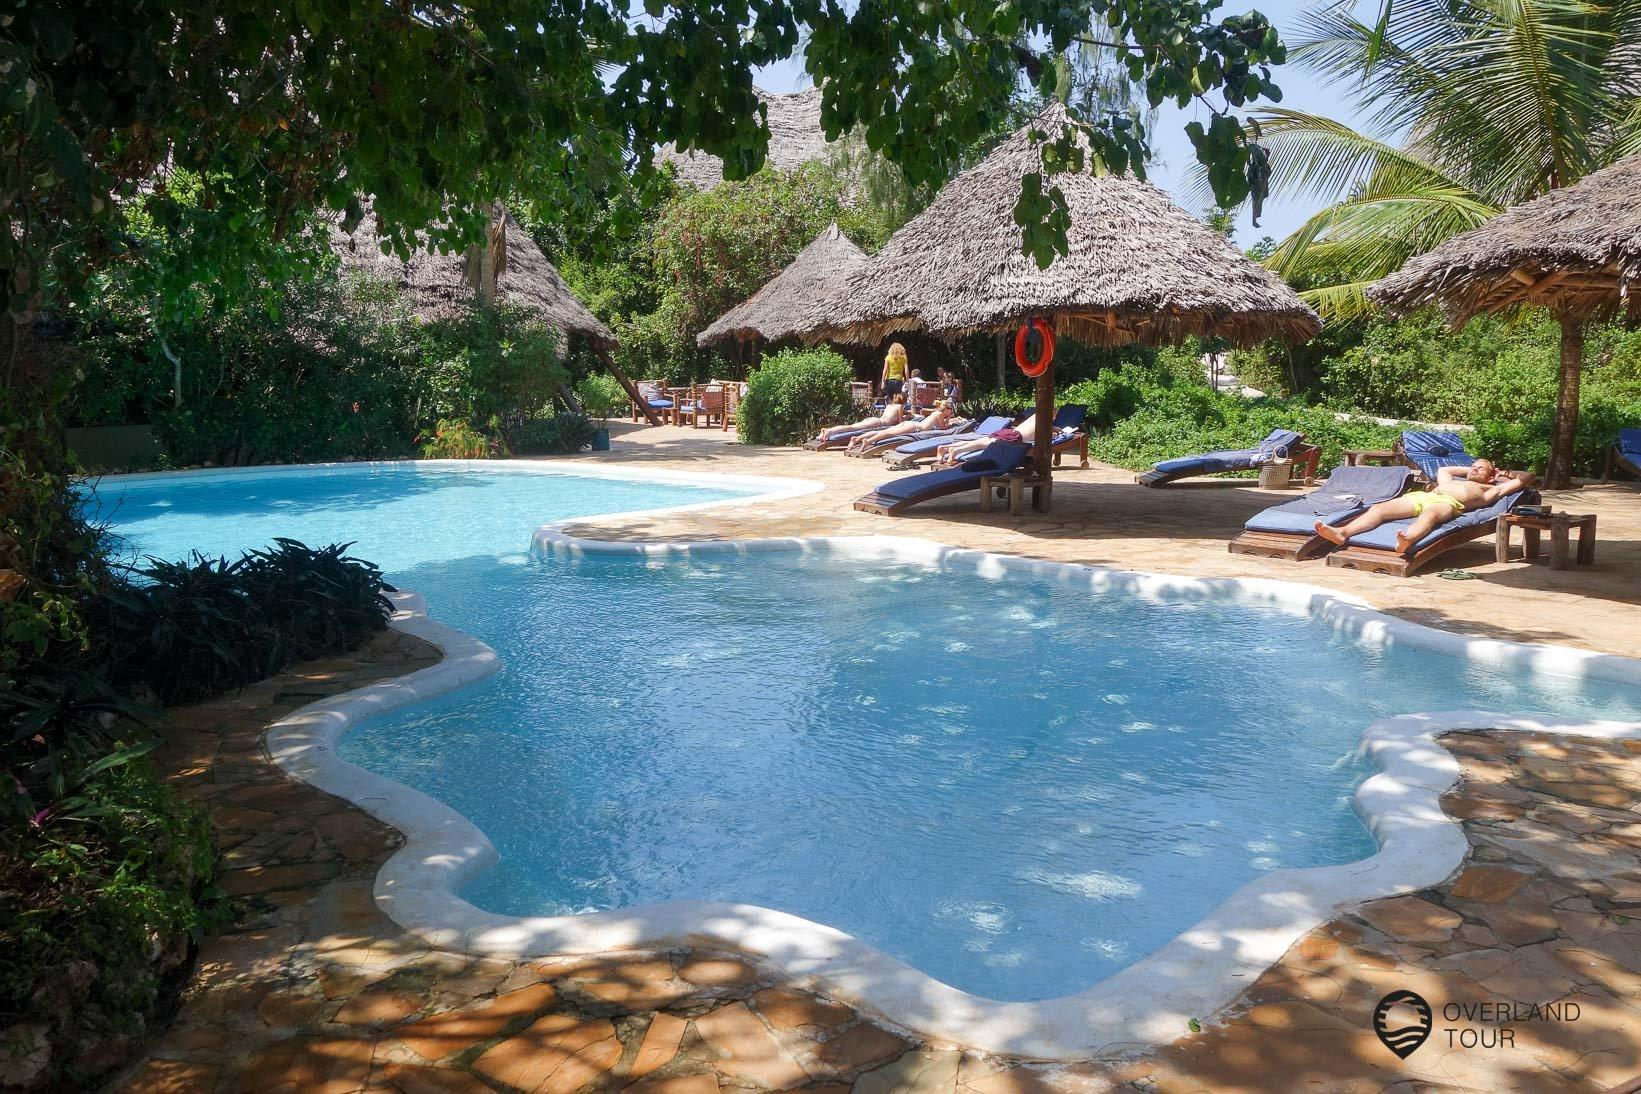 Ruhige und wundervolle Resorts findest du auf Sansibar – Hier die Unguja Lodge